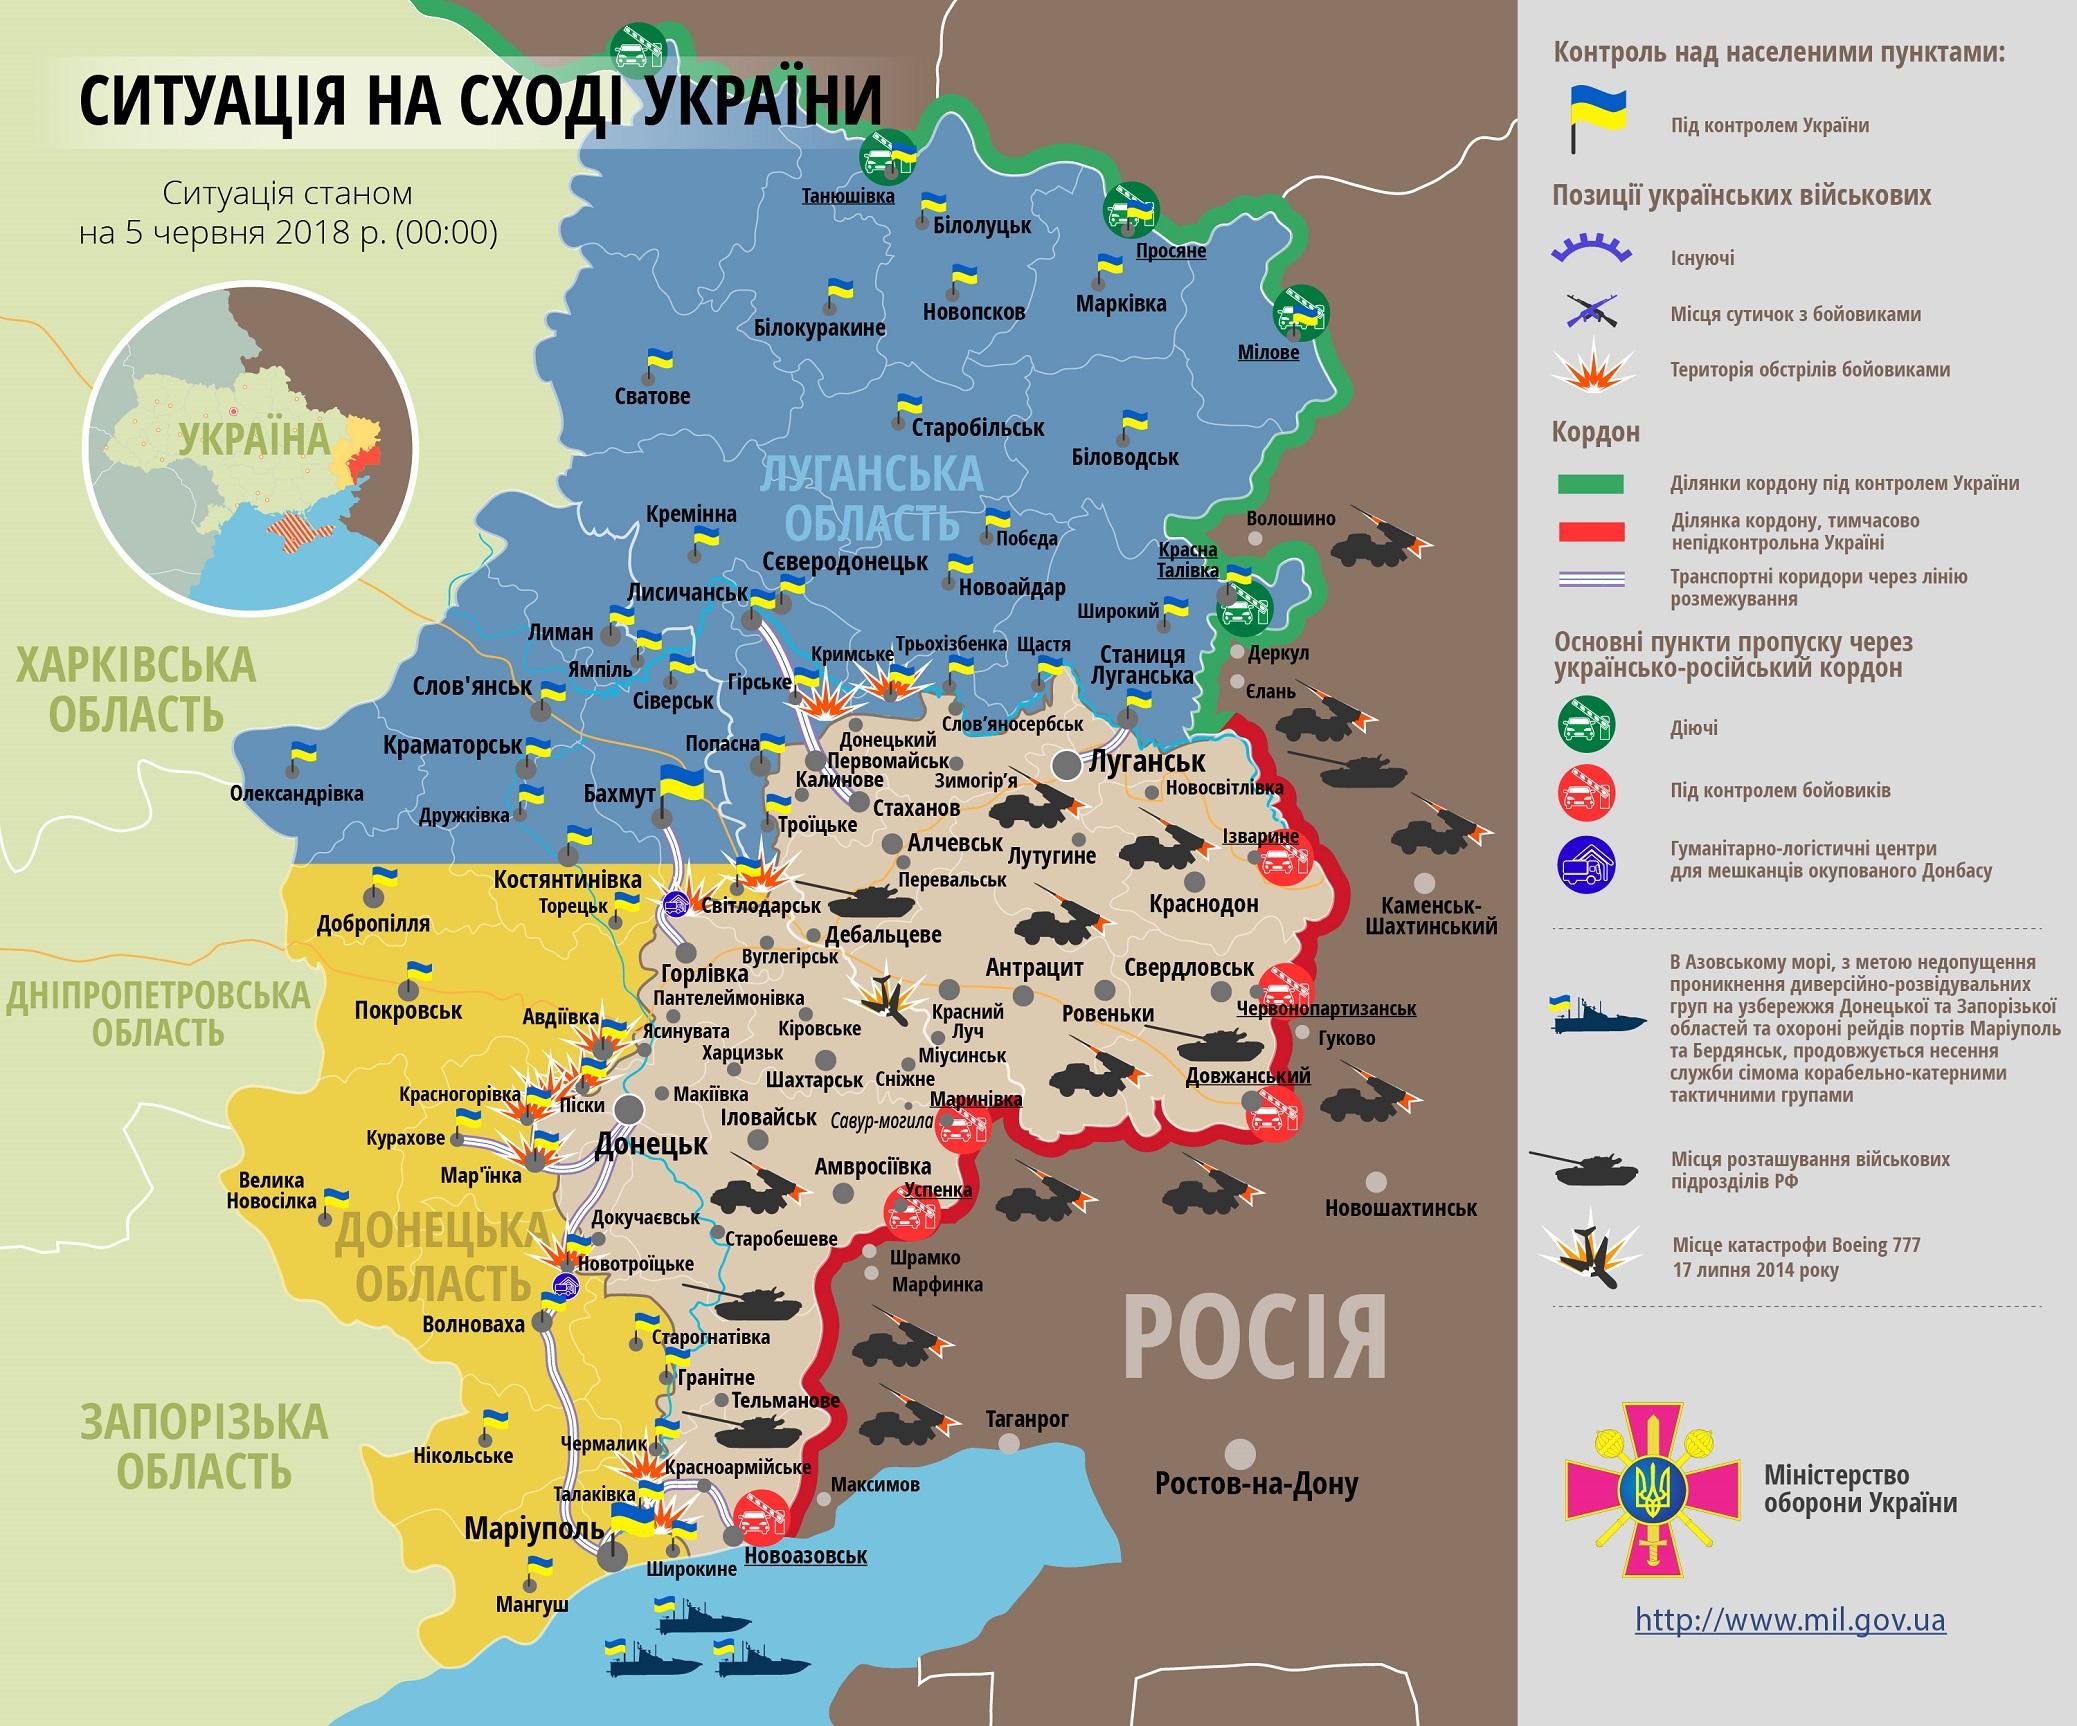 Террористы агрессивно атакуют ВСУ на Донбассе: карта ООС с расположением сил от 05 июня